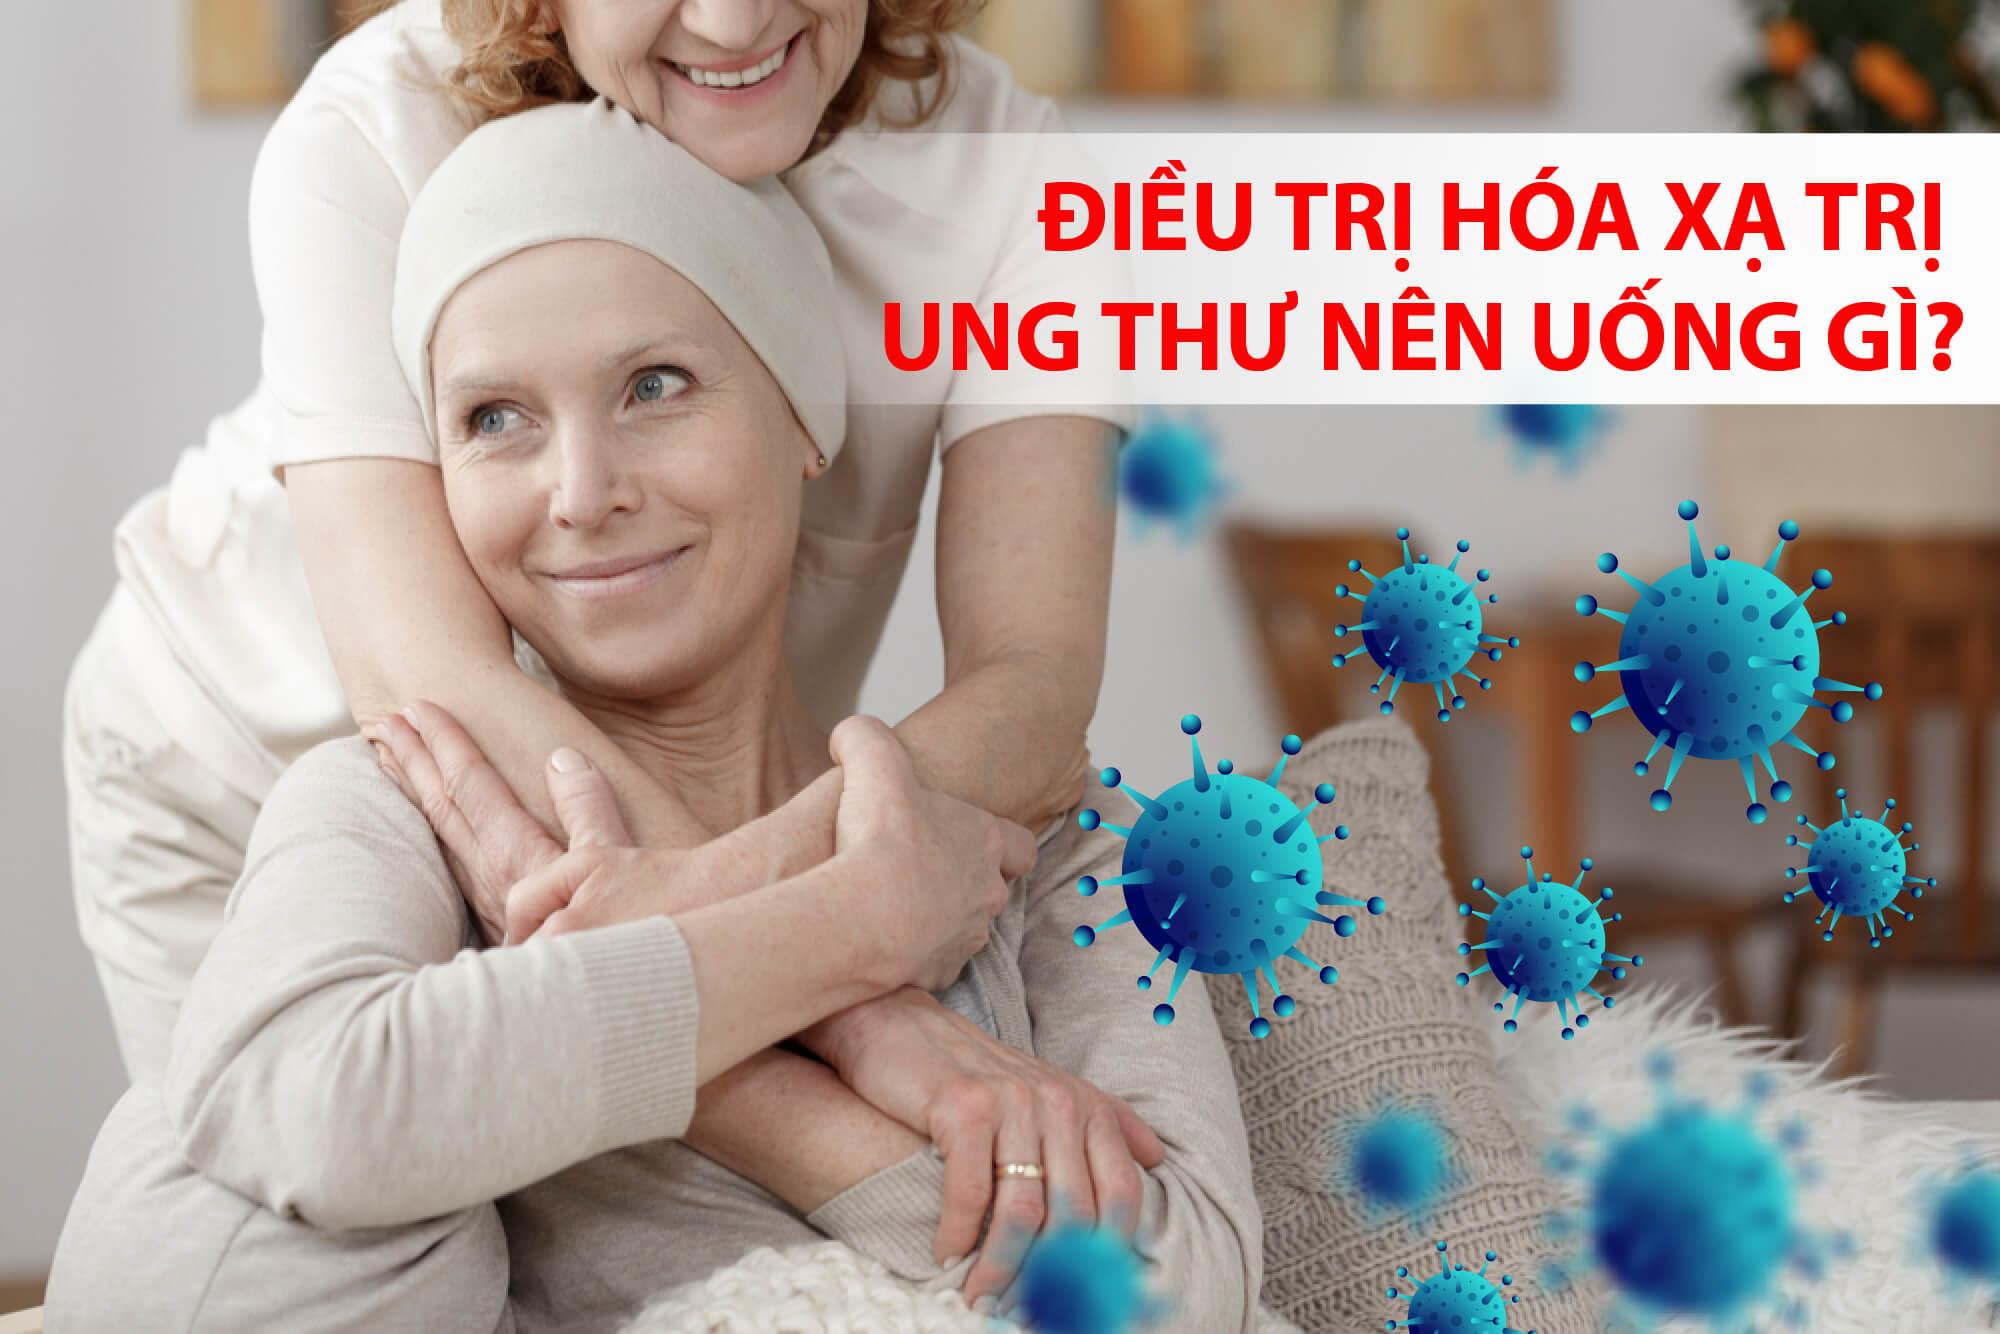 Điều trị hóa xạ trị ung thư nên uống gì?